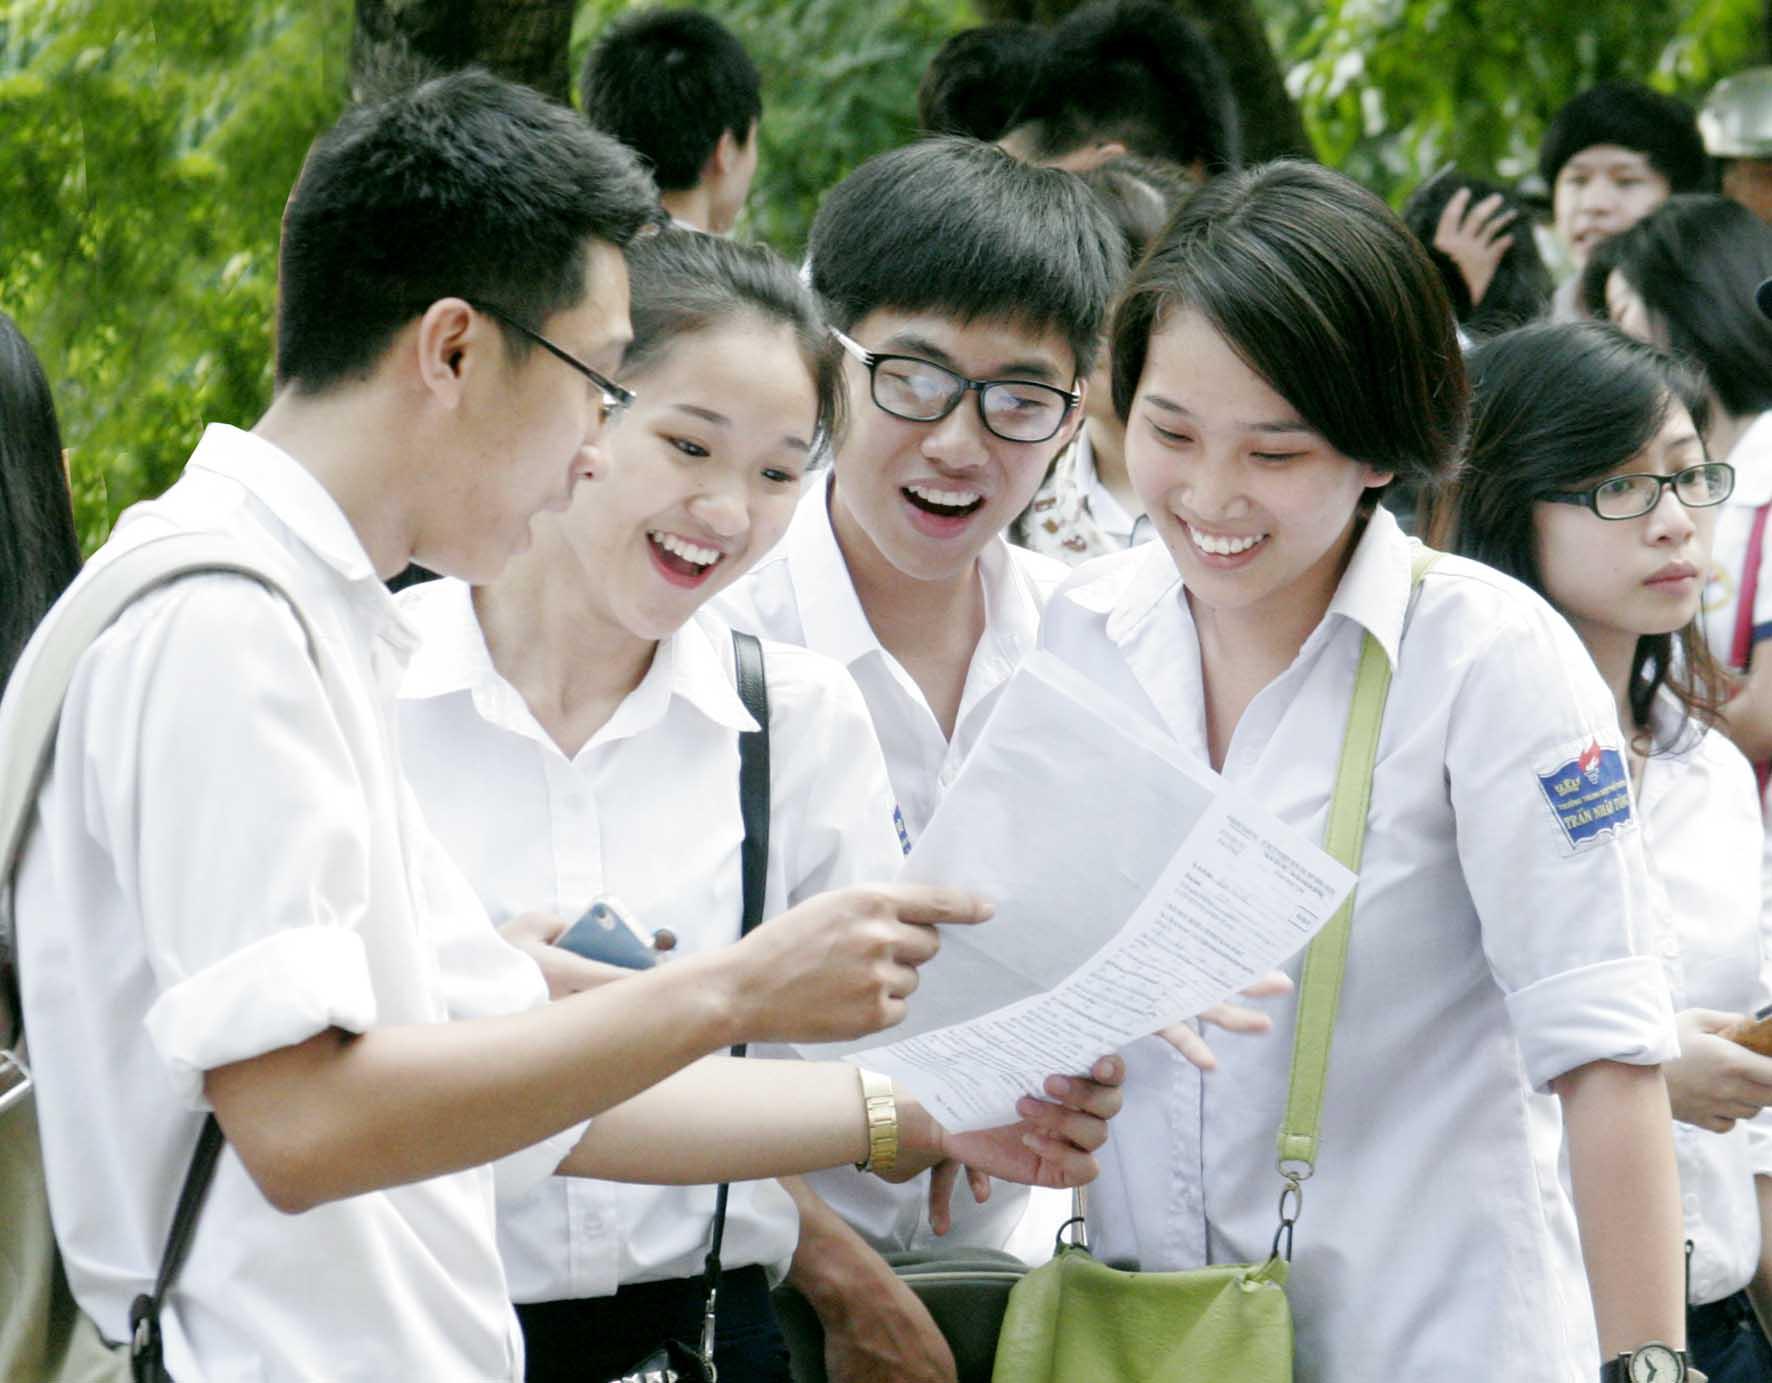 Đề thi khảo sát giữa học kì 1 lớp 11 môn Vật Lí năm 2015 THPT Nguyễn Văn Cừ